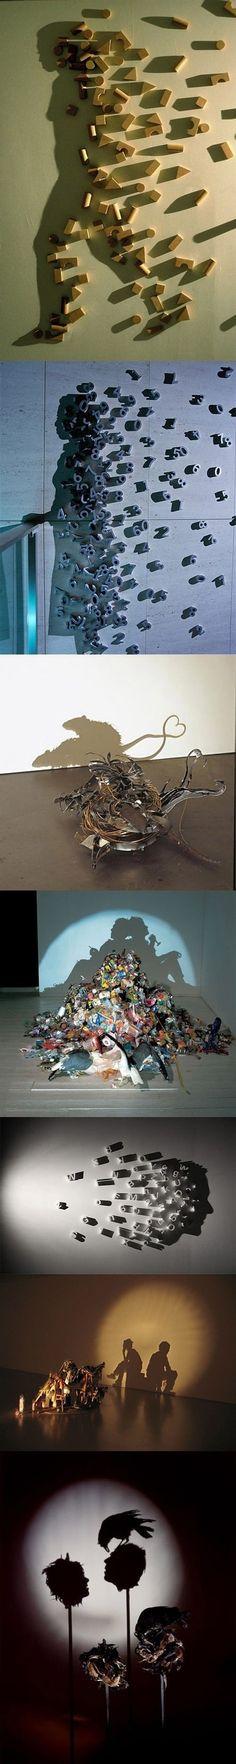 Incríveis montagens com sombras